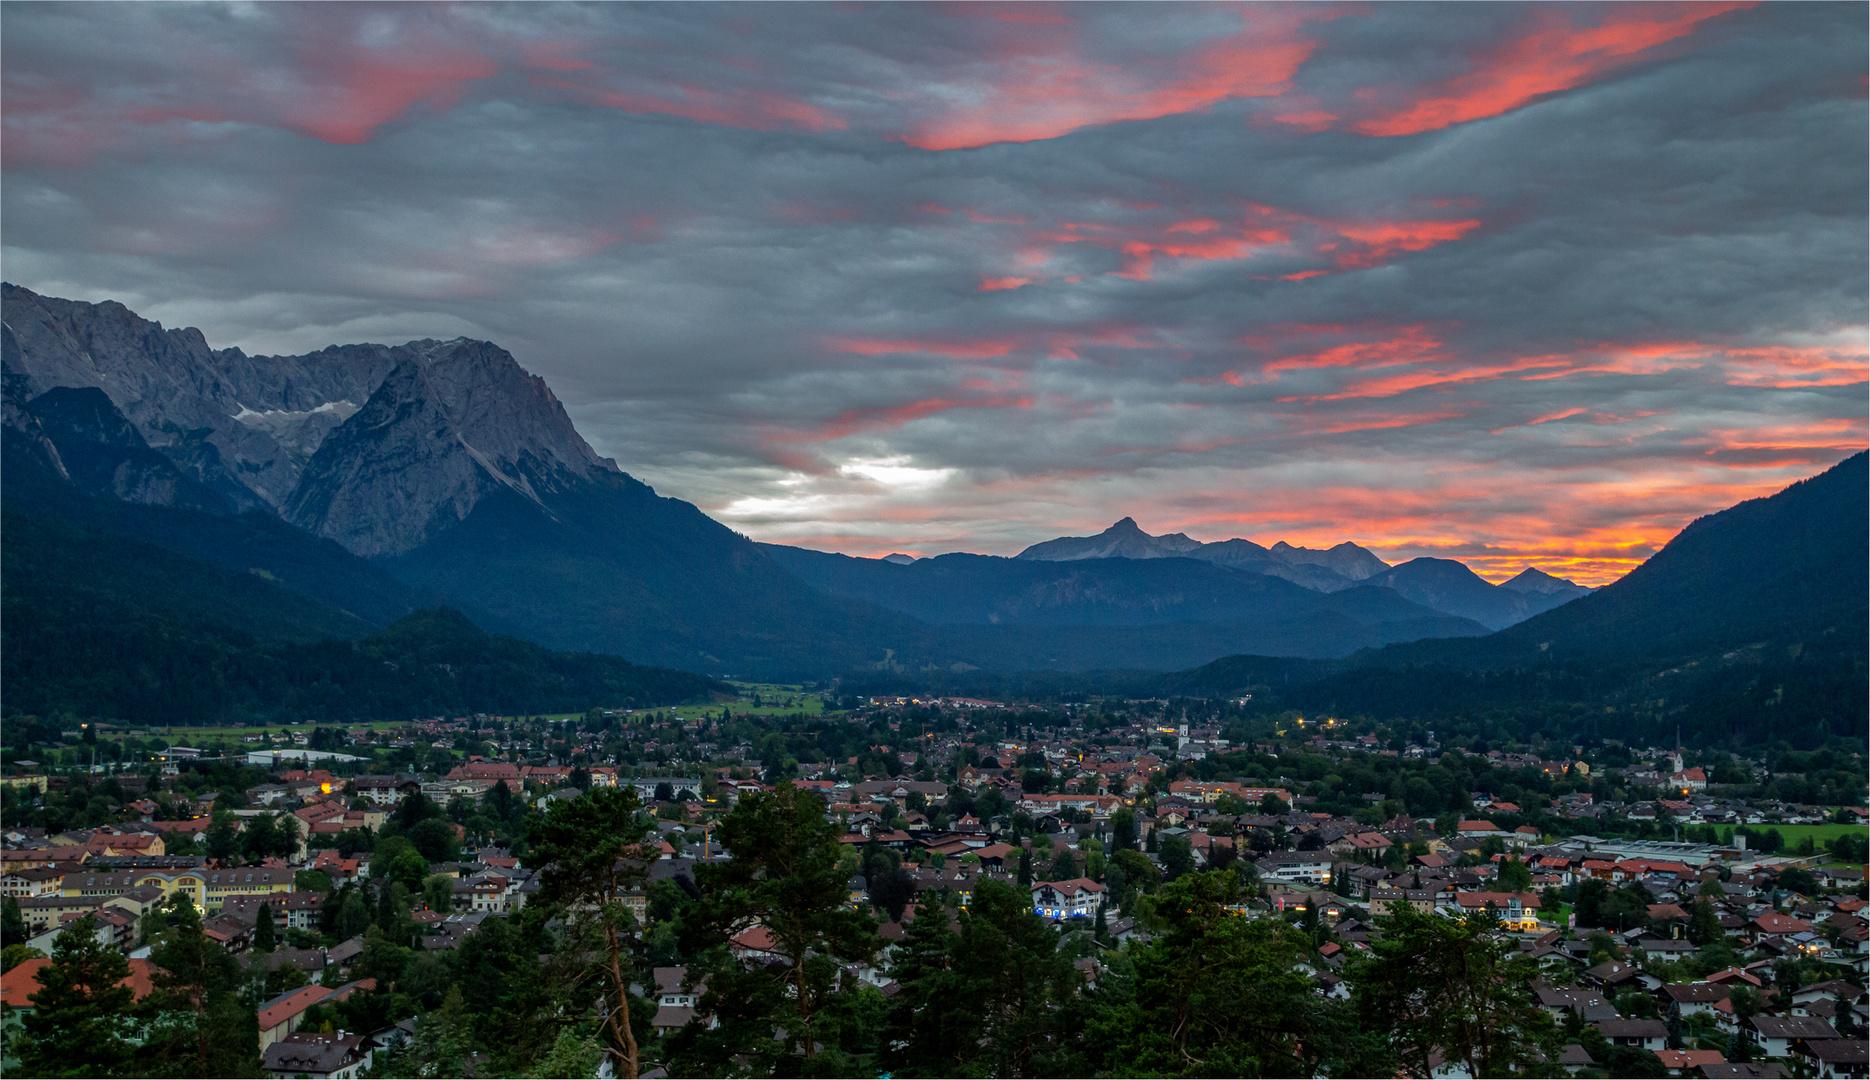 Sonnenuntergang in Garmisch